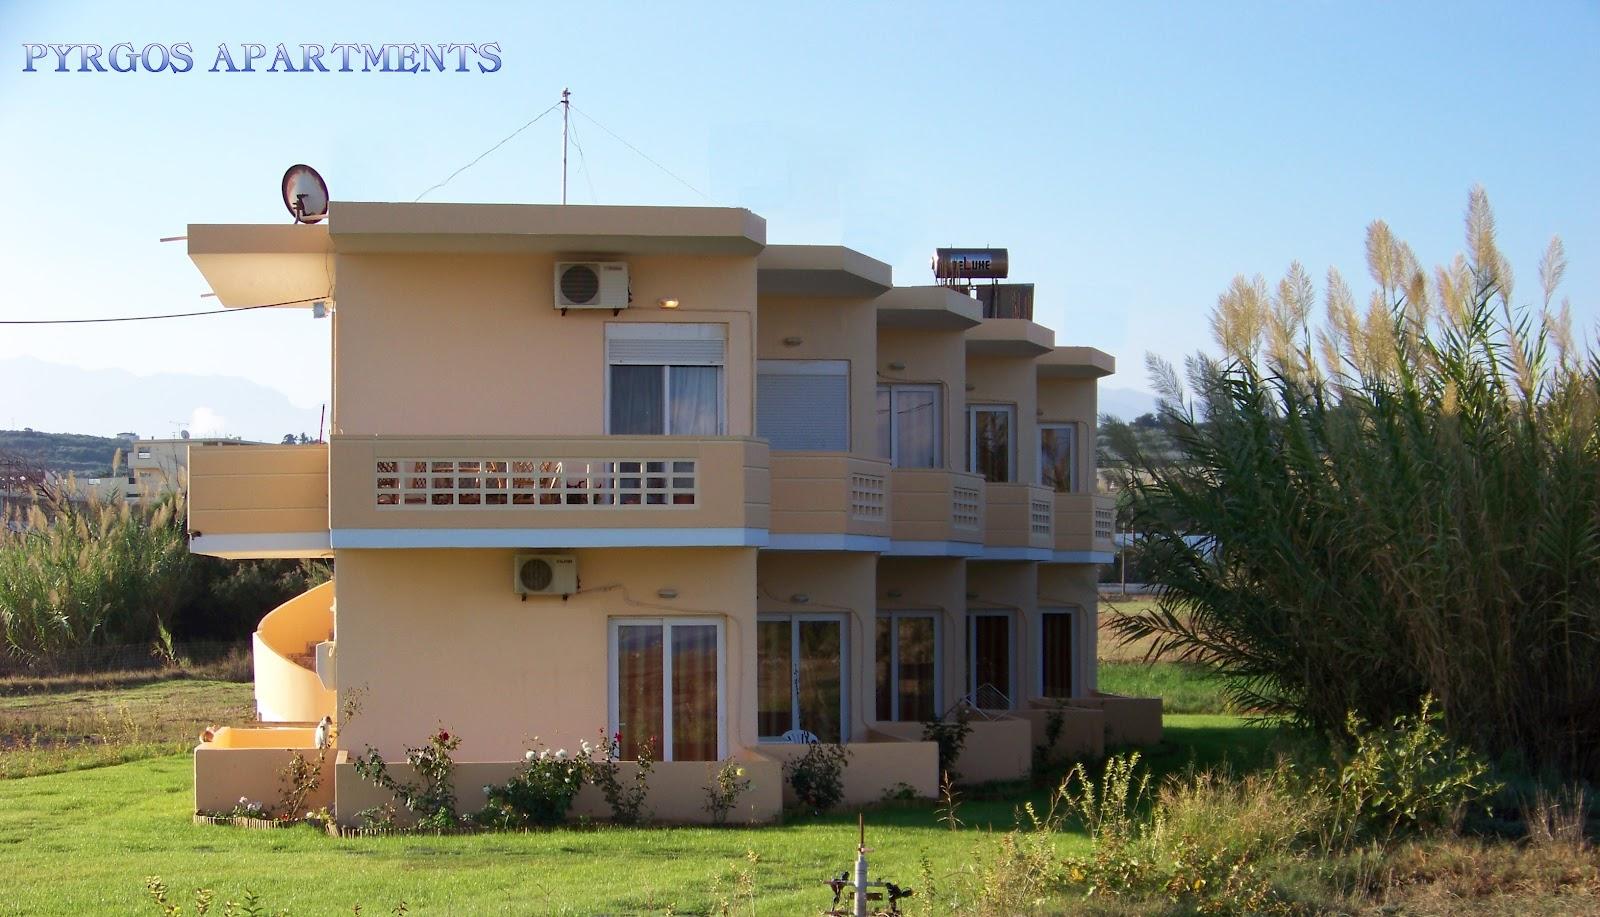 Ξεπέρασε τις 40.000 επισκέψεις η ιστοσελίδα των ενοικιαζομένων διαμερισμάτων Pyrgos Apartments